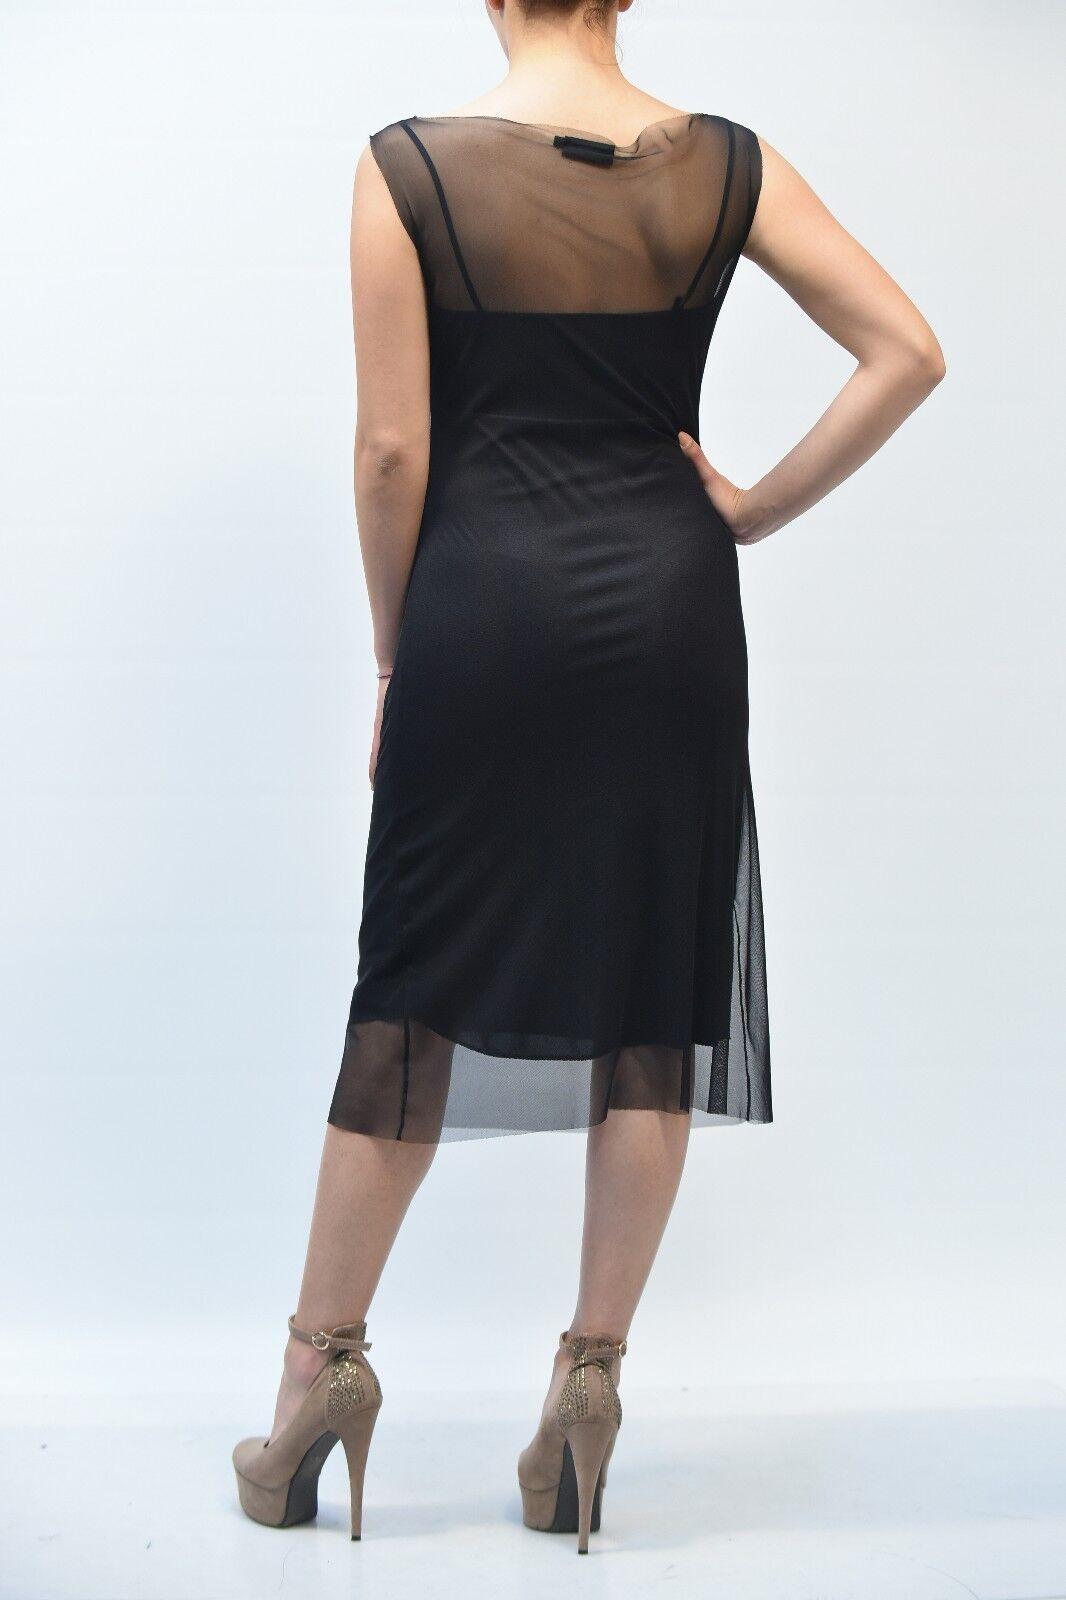 a52f4c8a88a ABITO - 50% S.A.M.H. women DRESS ПЛАТЬЕ ROBE 052 black MIS. AA M ...